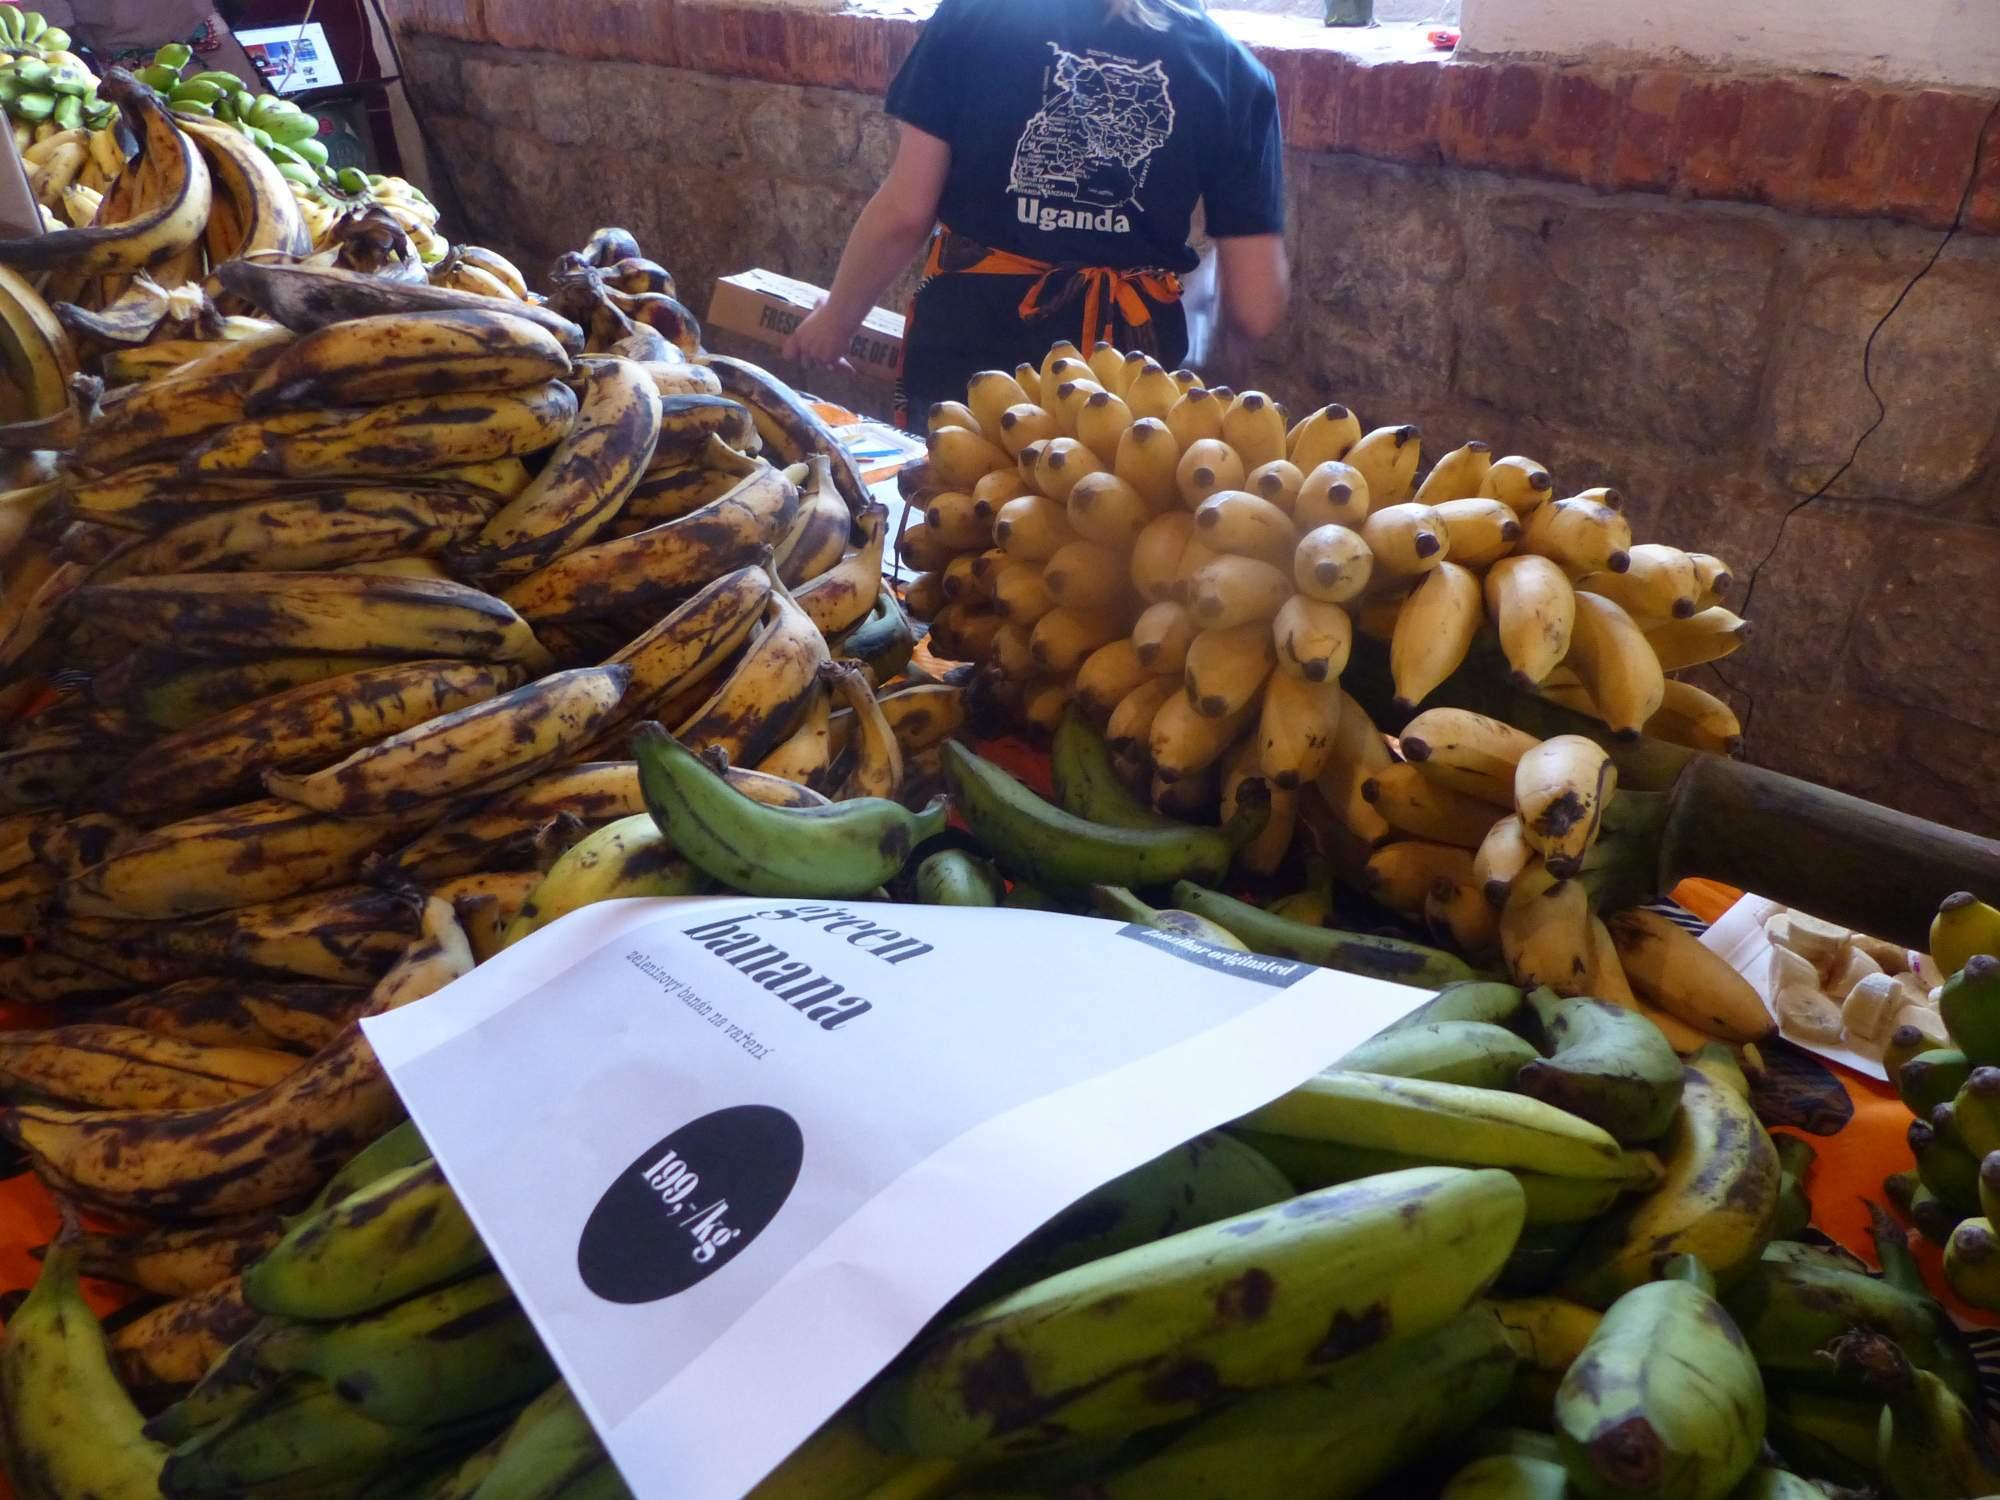 Banány z Ugandy. Foto: Tereza Kučerová